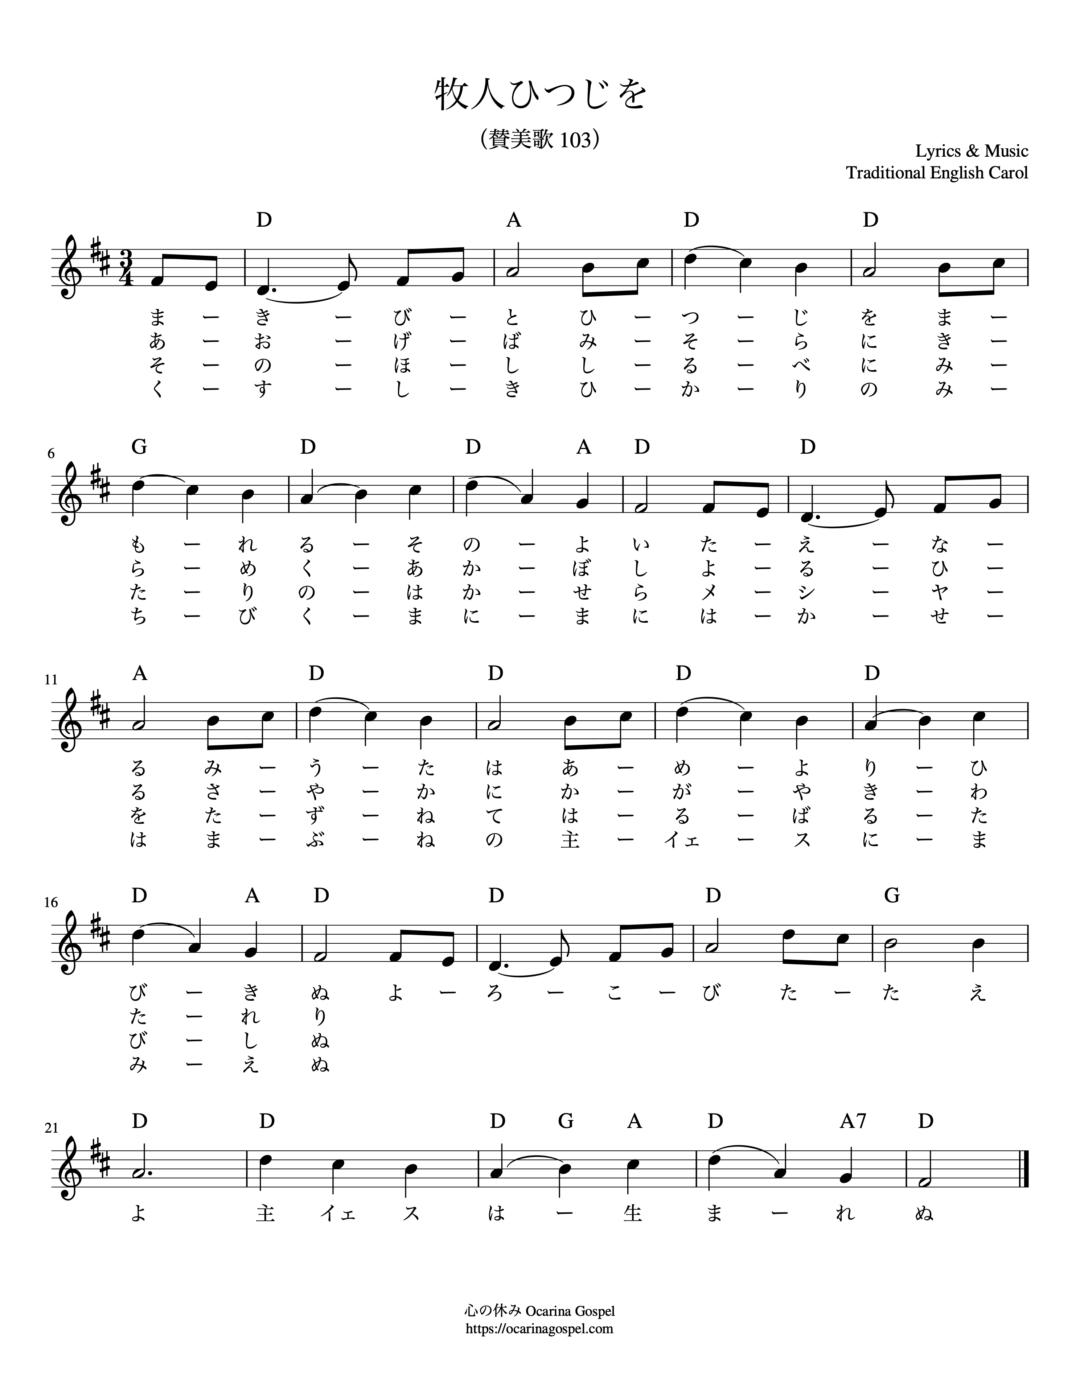 牧人ひつじを まきびとひつじを 楽譜